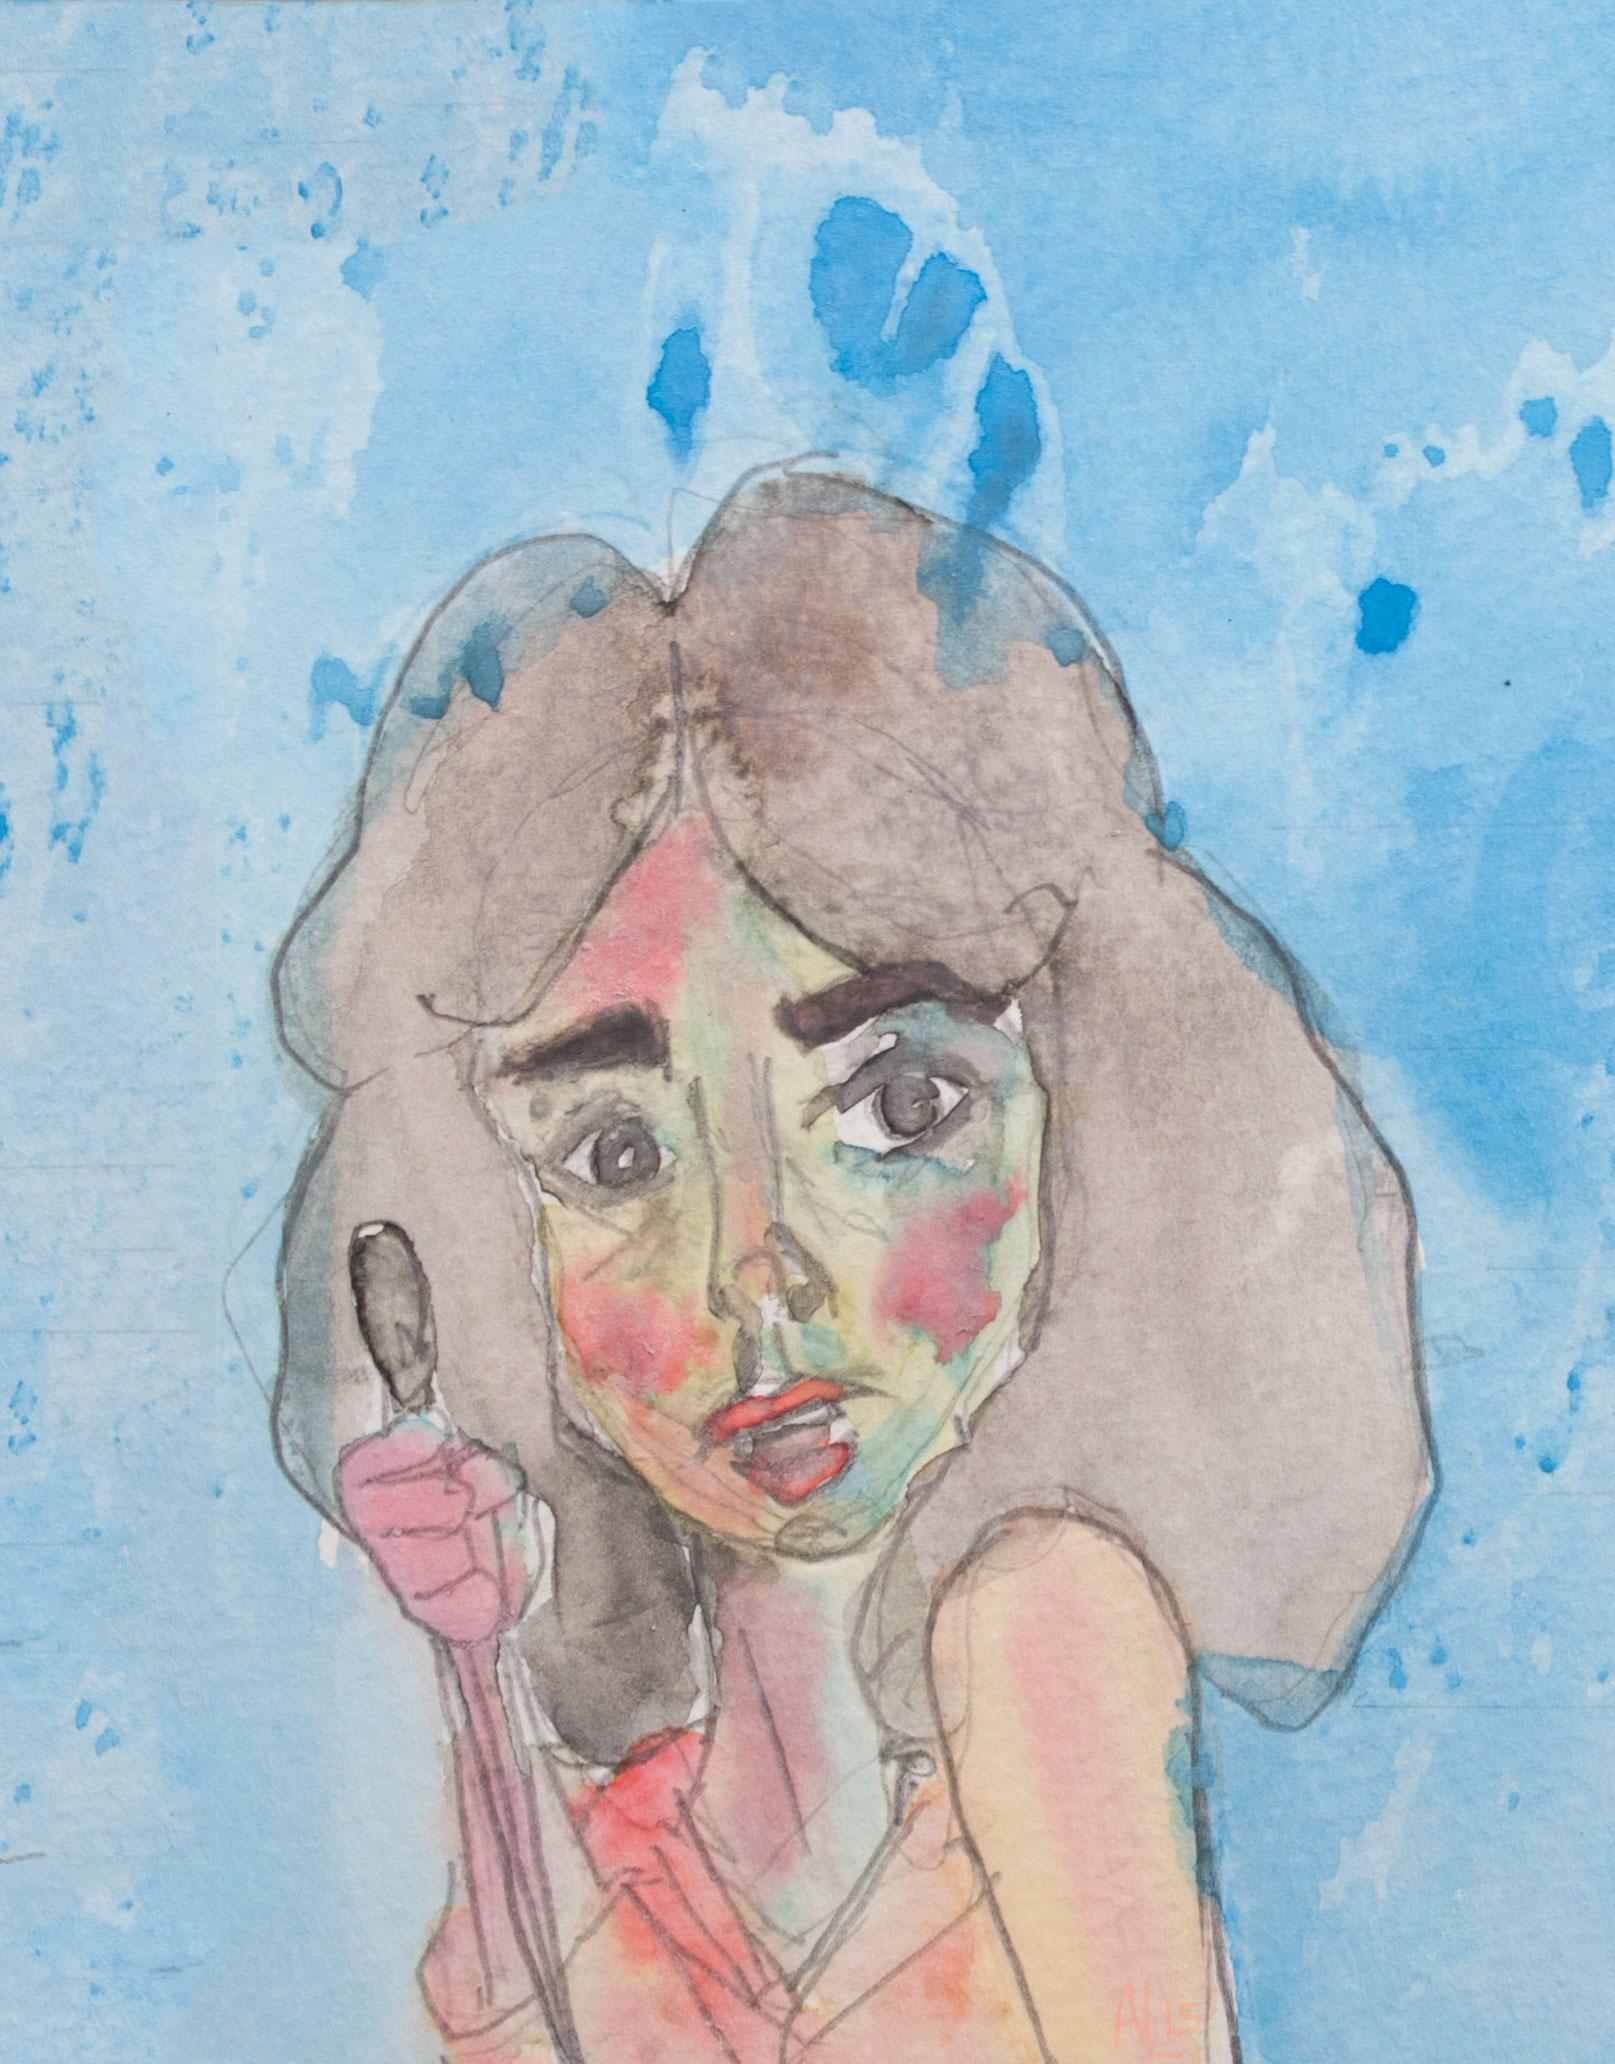 Susie Banyon Suspiria Watercolor Illustration